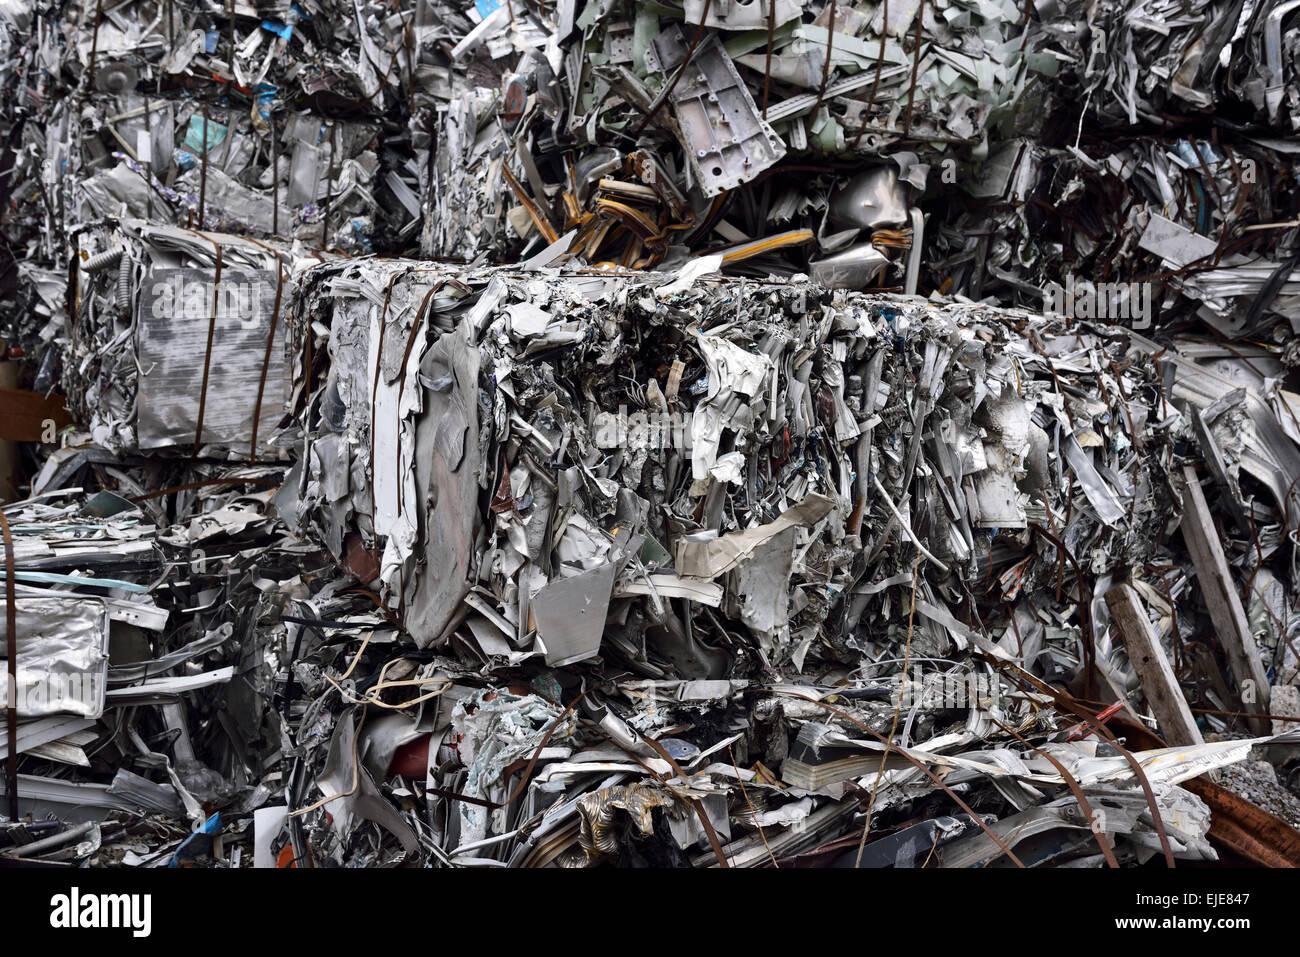 Nahaufnahme von zerkleinerten Recycling Schrott Metall Ballen auf einer Müllkippe in Toronto Stockbild